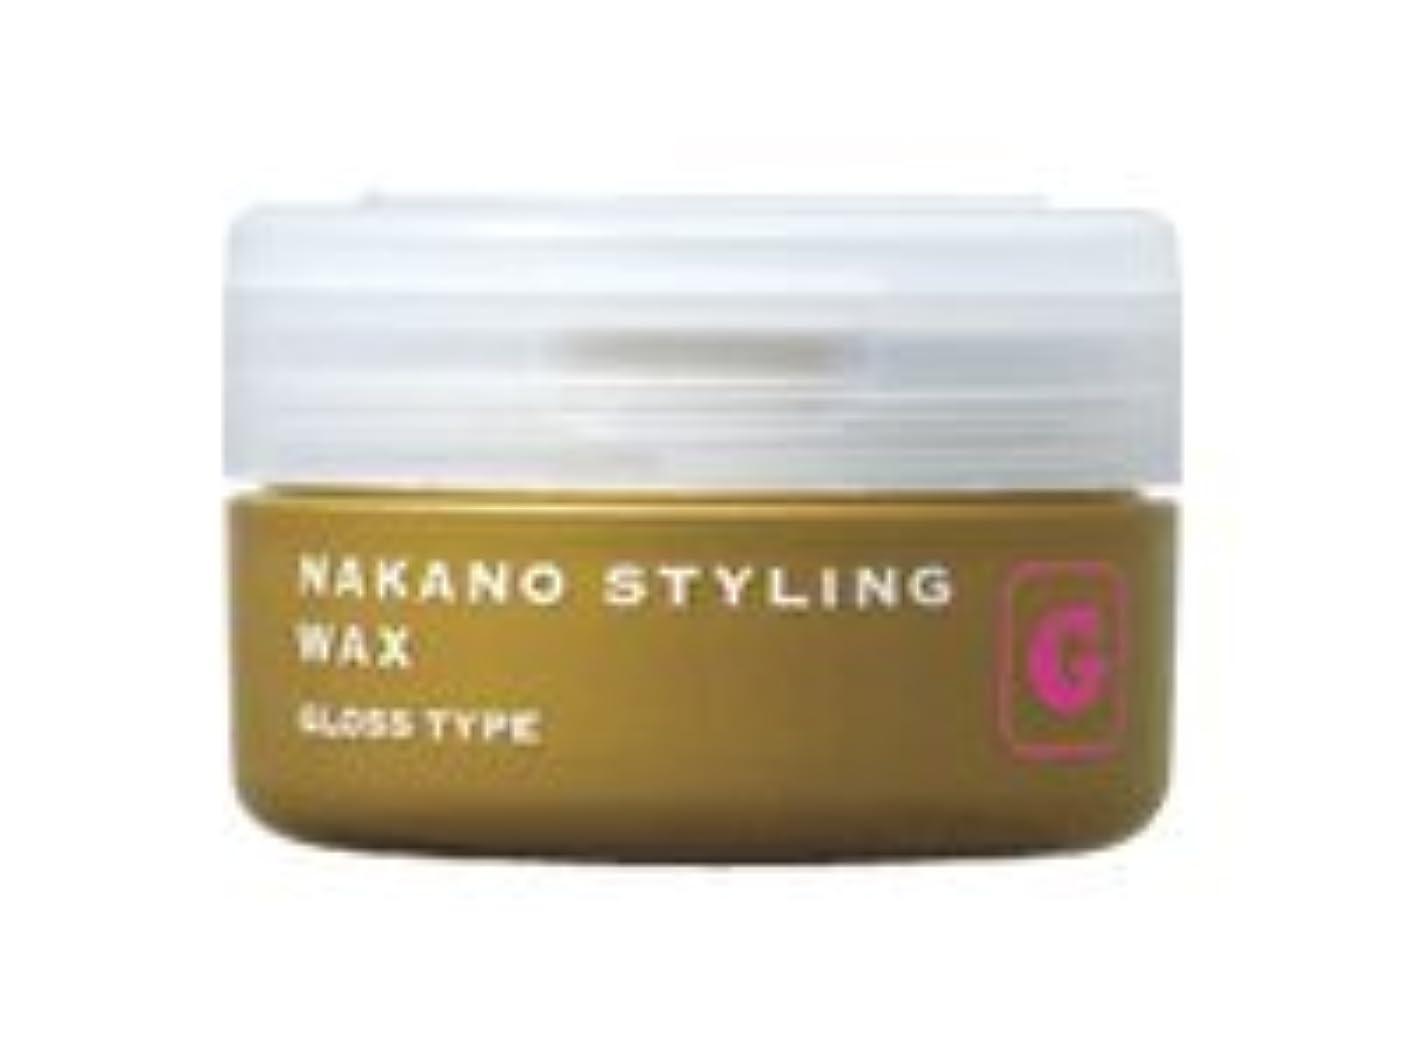 楽しい変位フルーツナカノ スタイリングワックス G グロスタイプ 90g 中野製薬 NAKANO